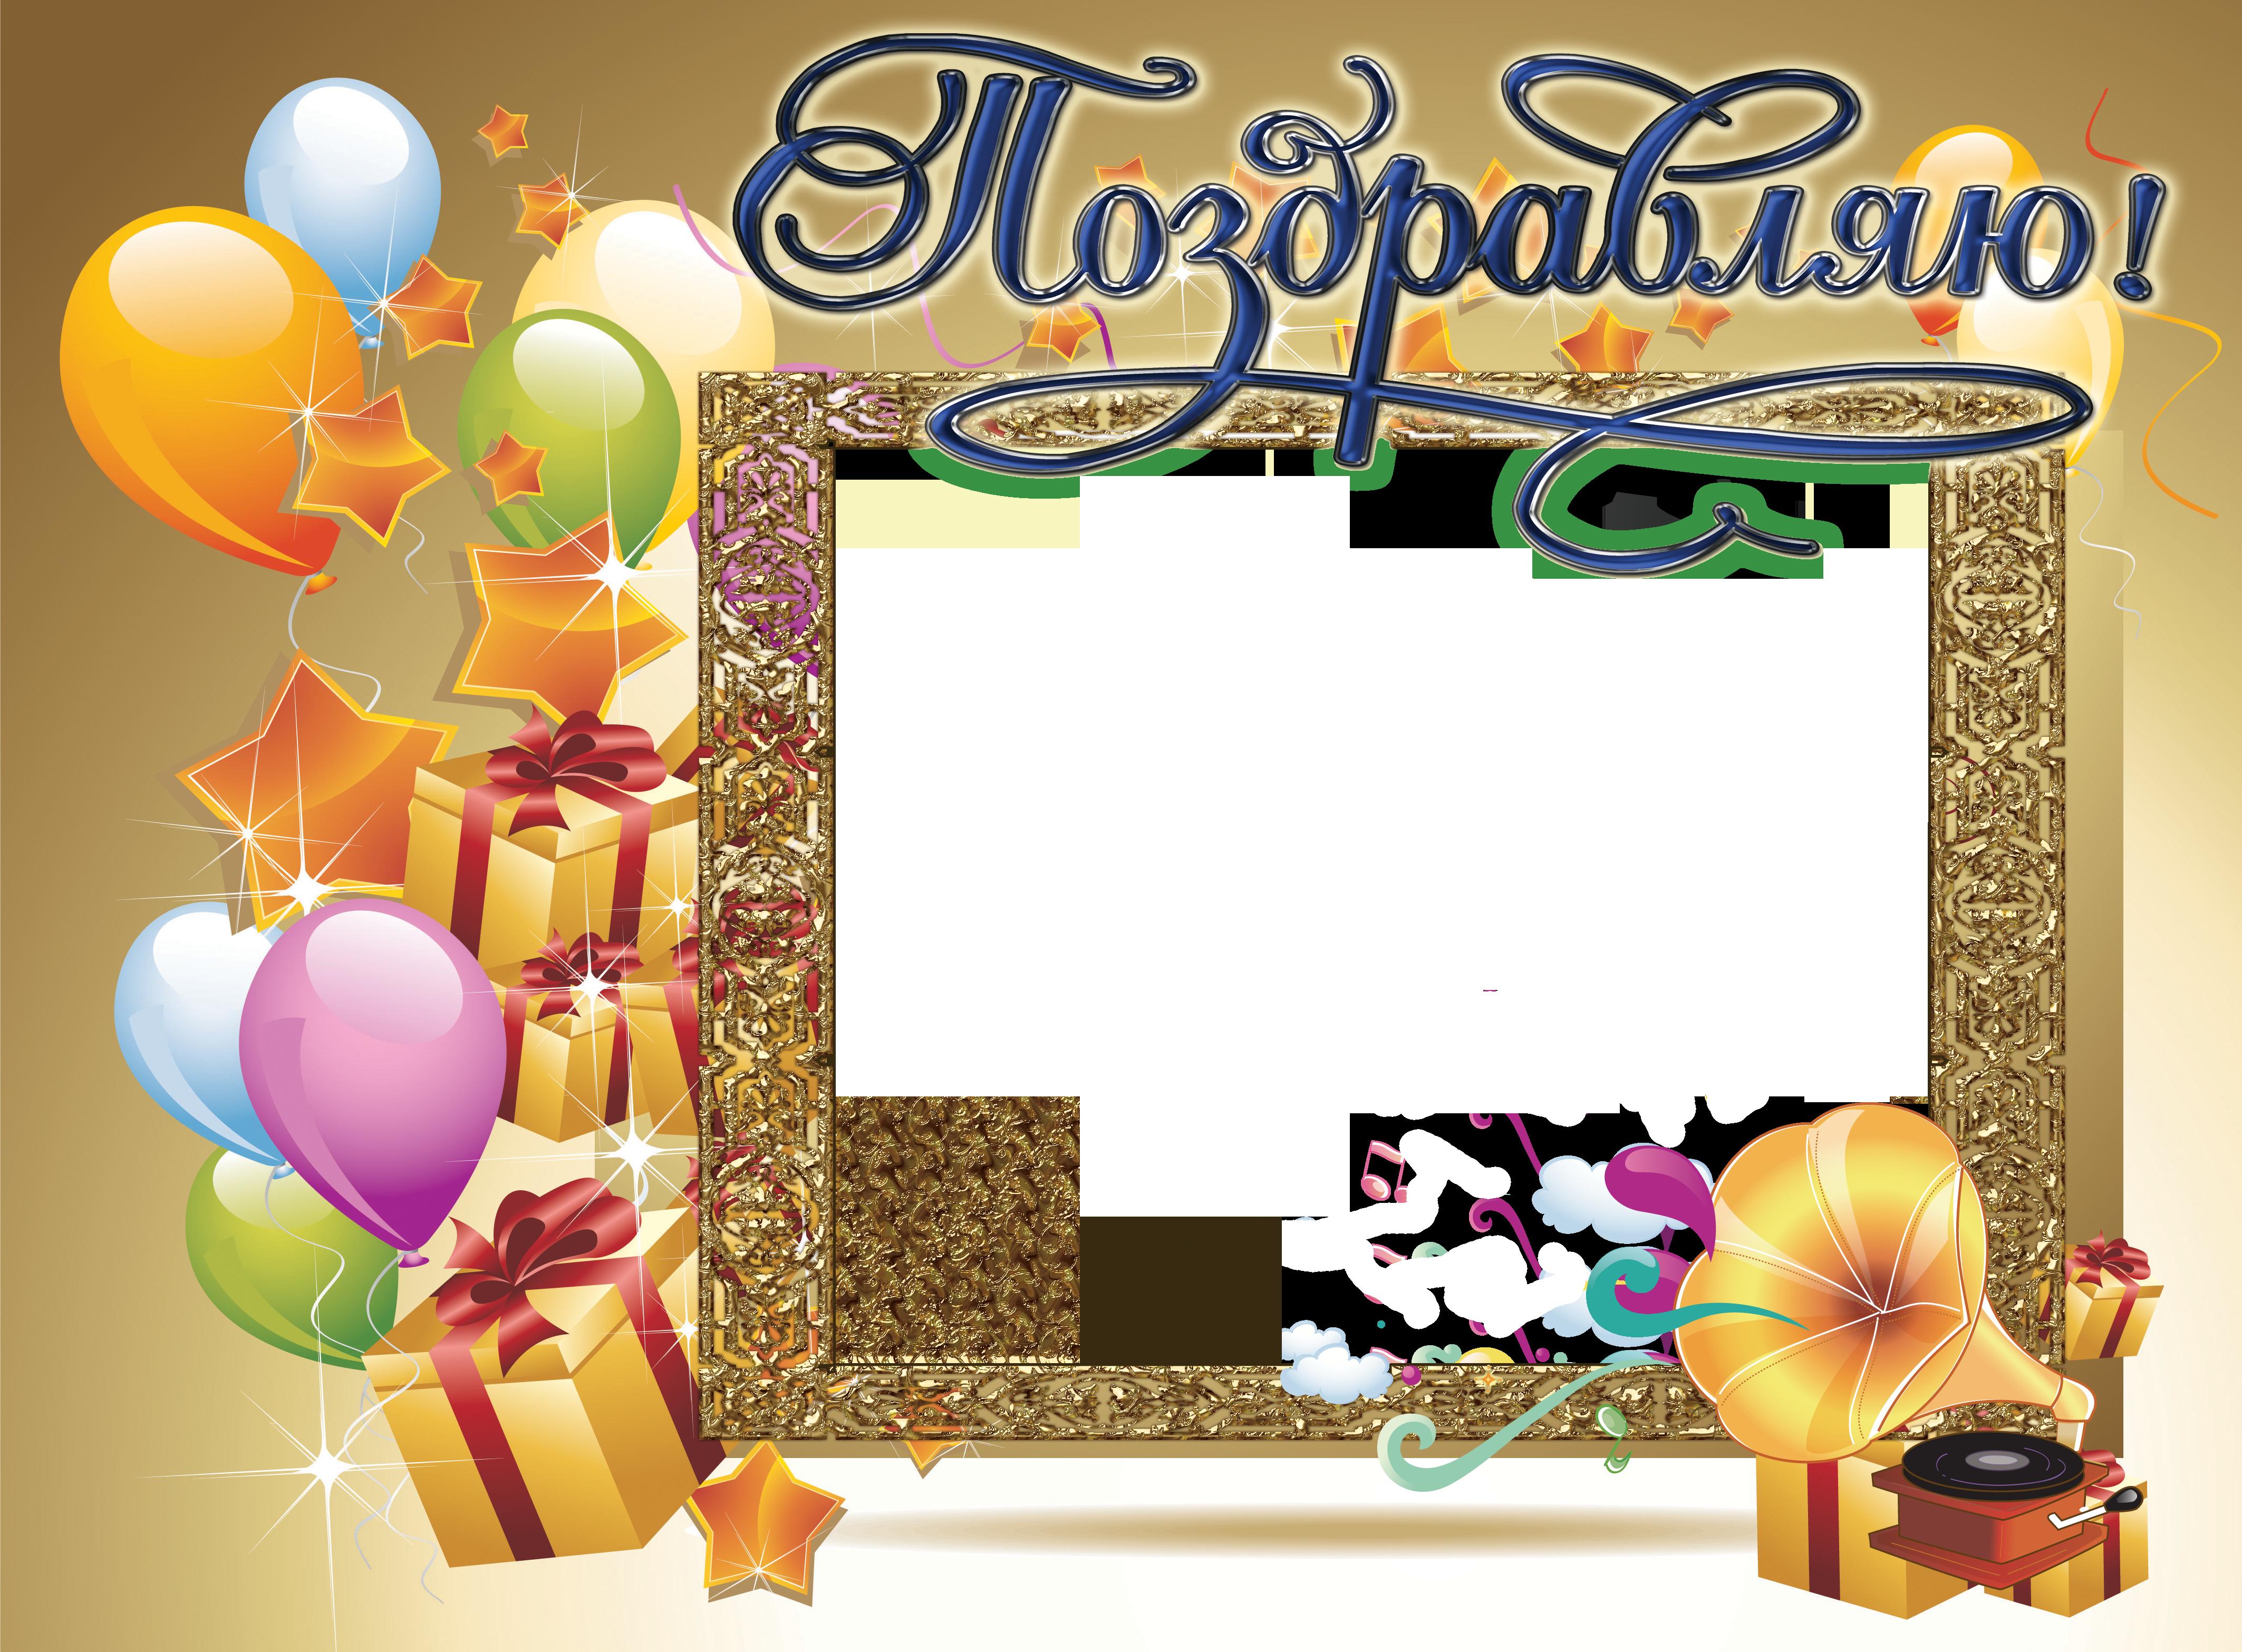 Картинки и рамки для дня рождения